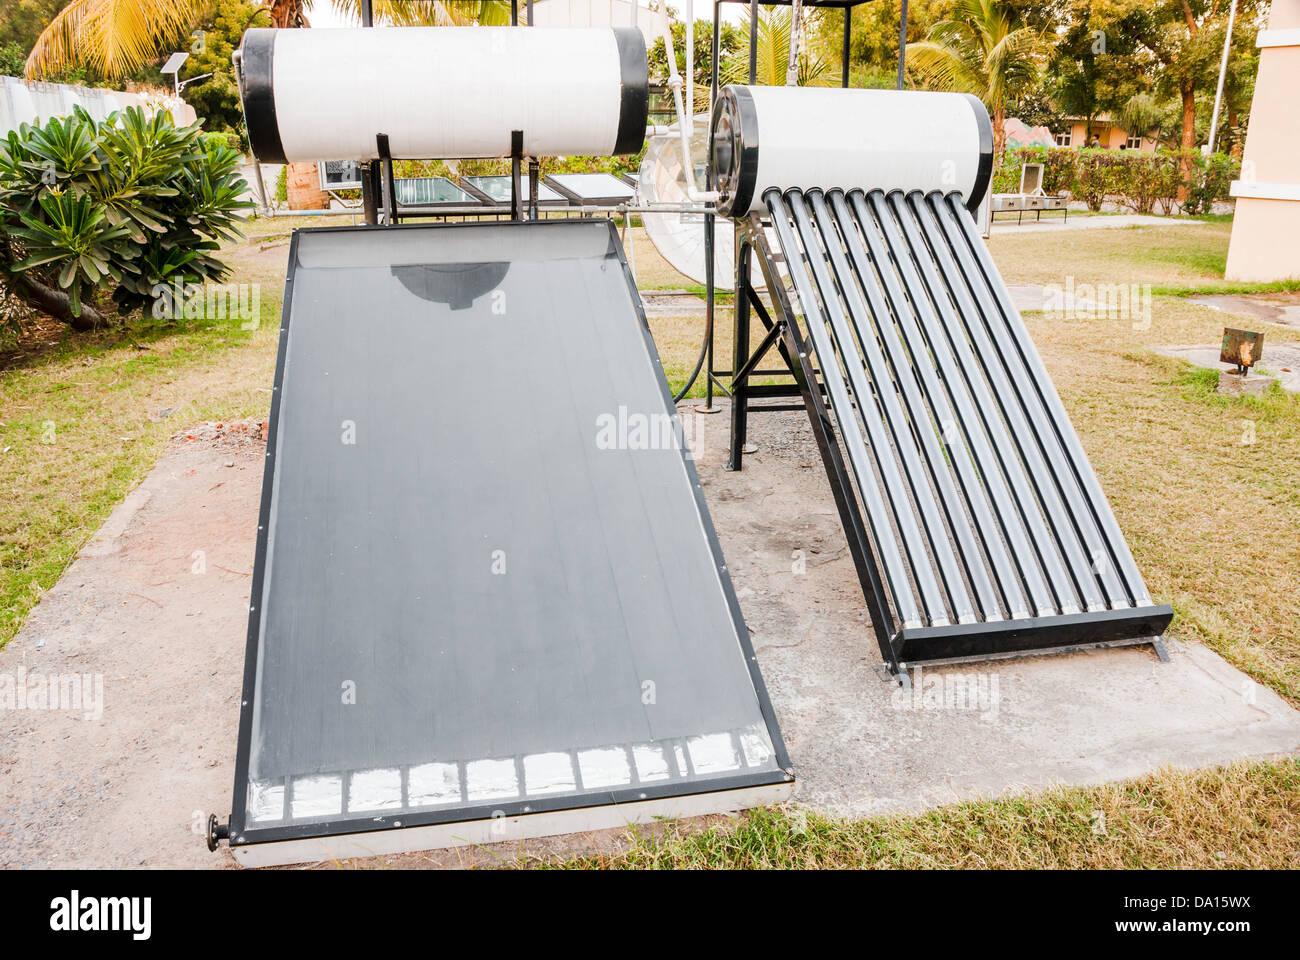 Les chauffe-eau solaires utilisant l'énergie solaire. Symbole de l'énergie verte Photo Stock